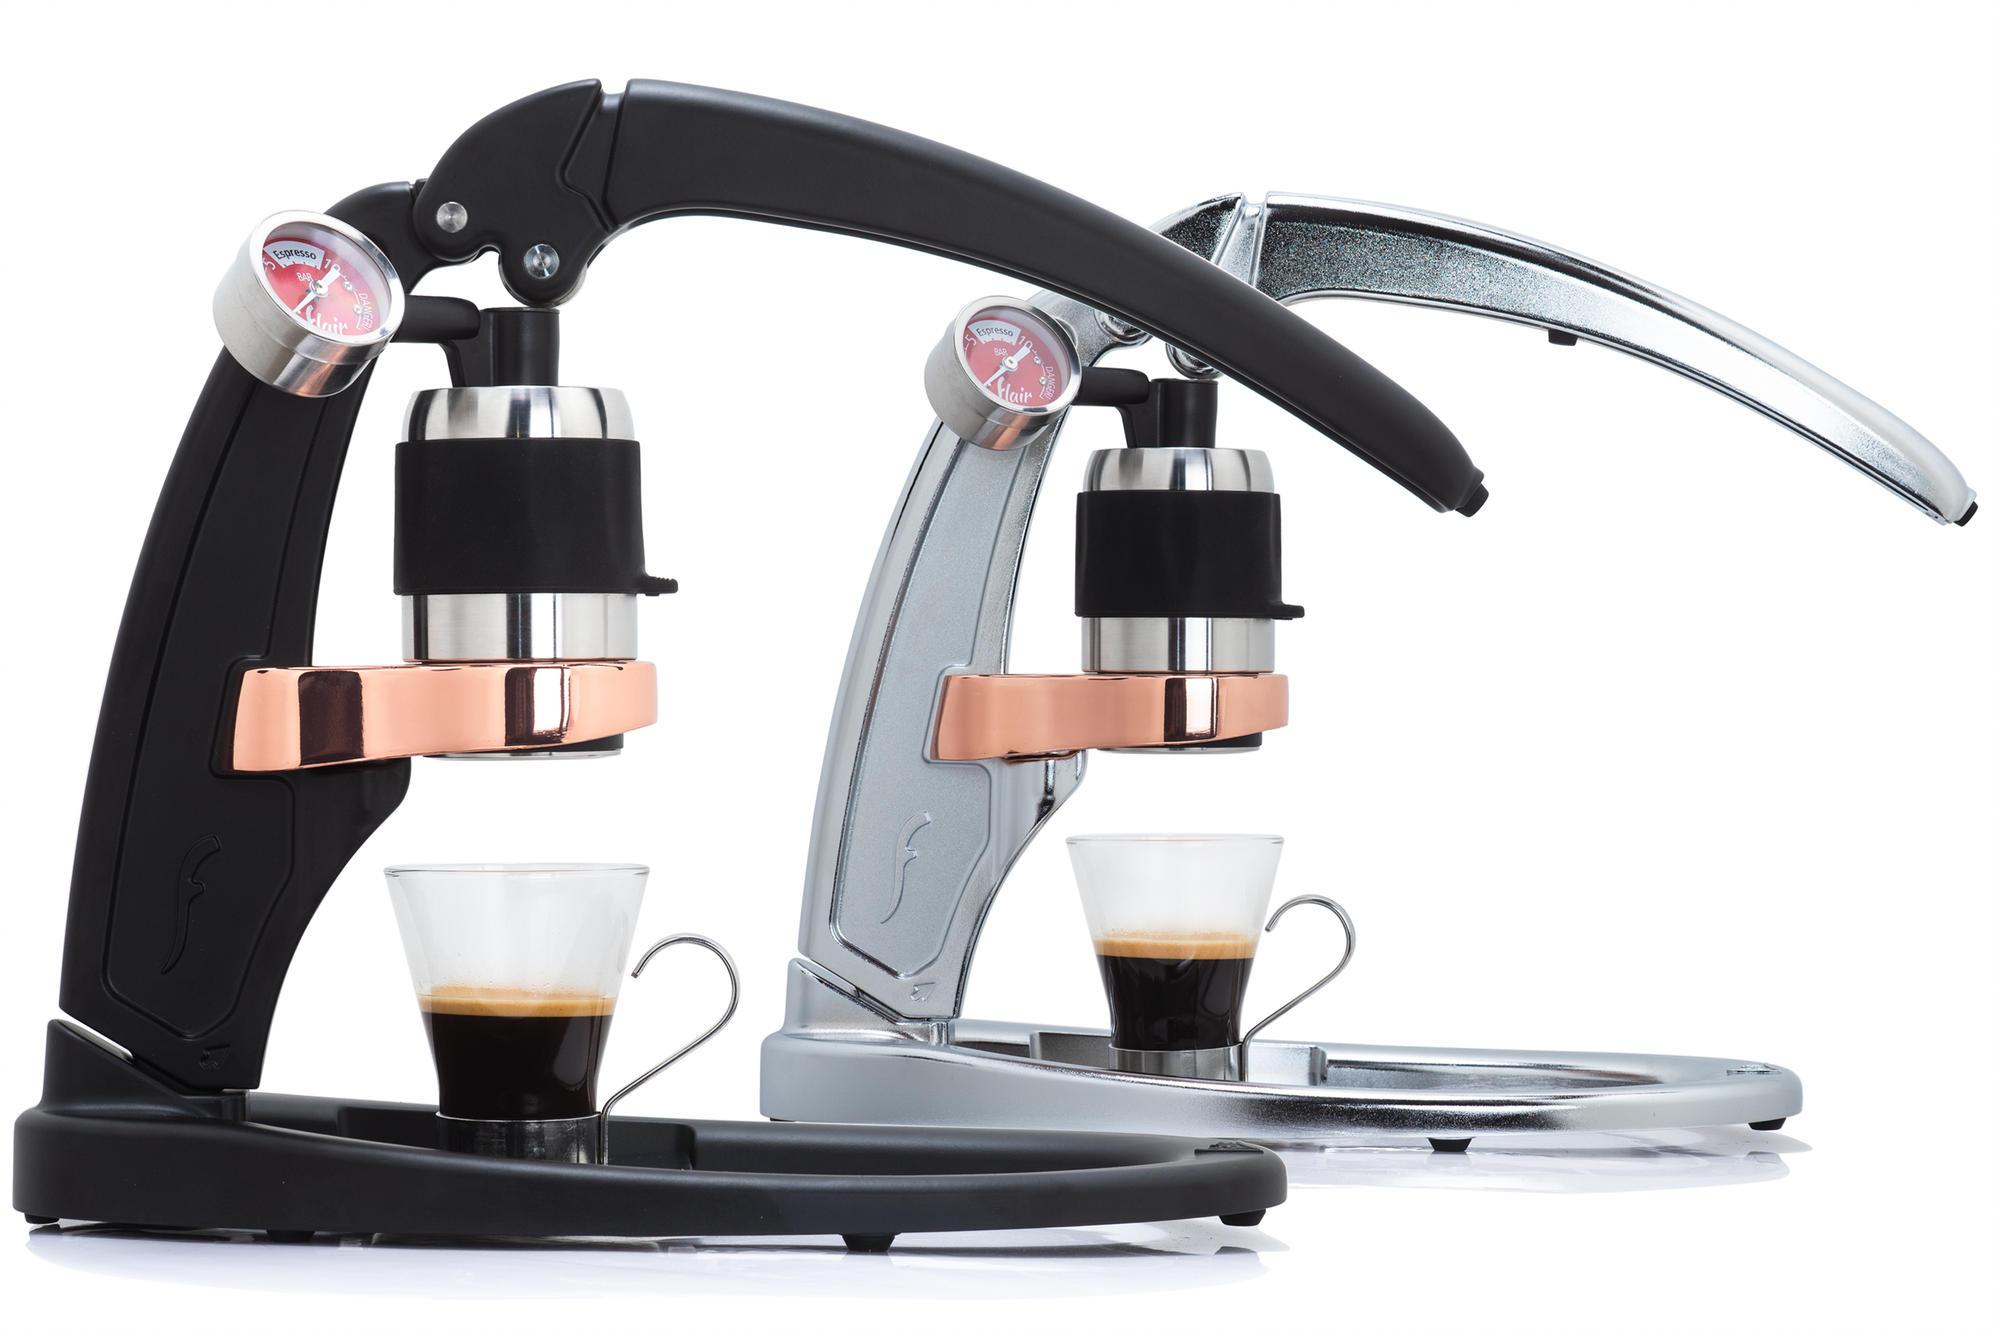 Flair Signature PRO (2) Espresso Maker Review – SherryGorugh